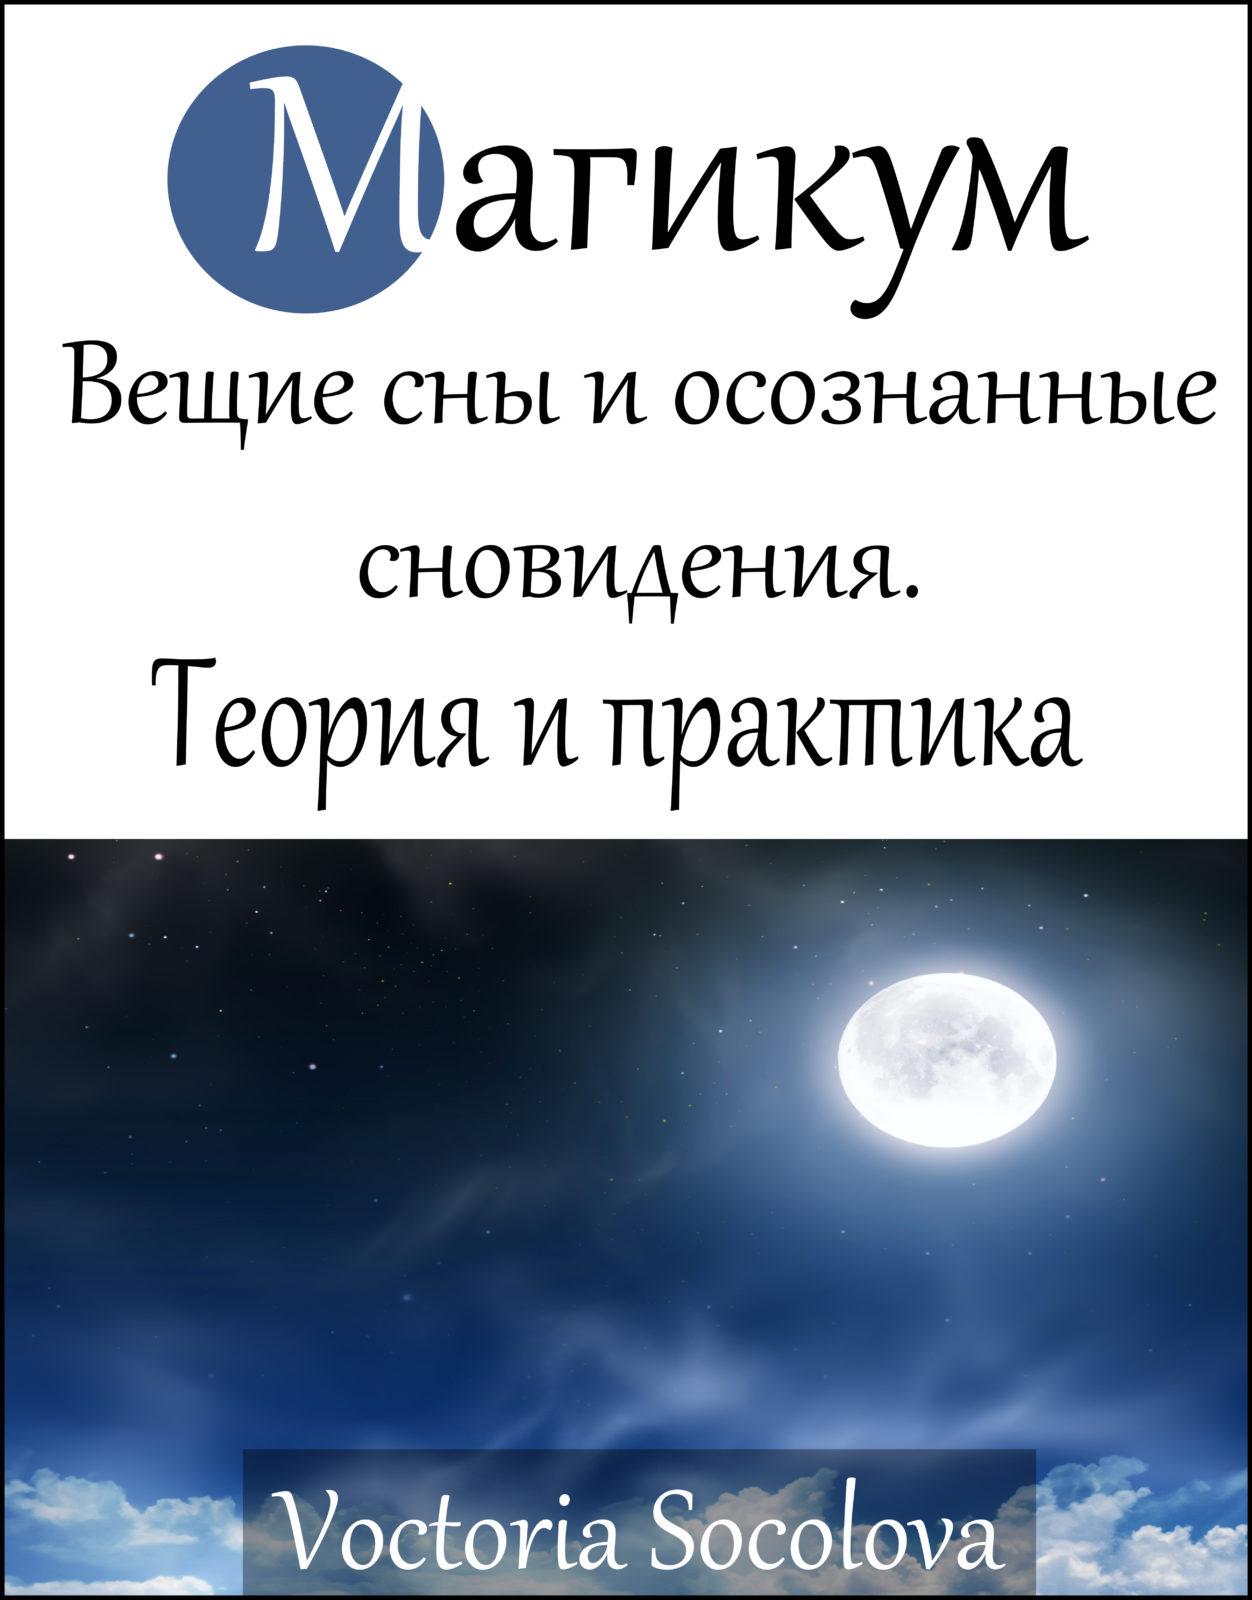 Maгикум Вещие сны и осознанные сновидения Теория и практика.Электронная книга: КсинКсии | Смэшвордс